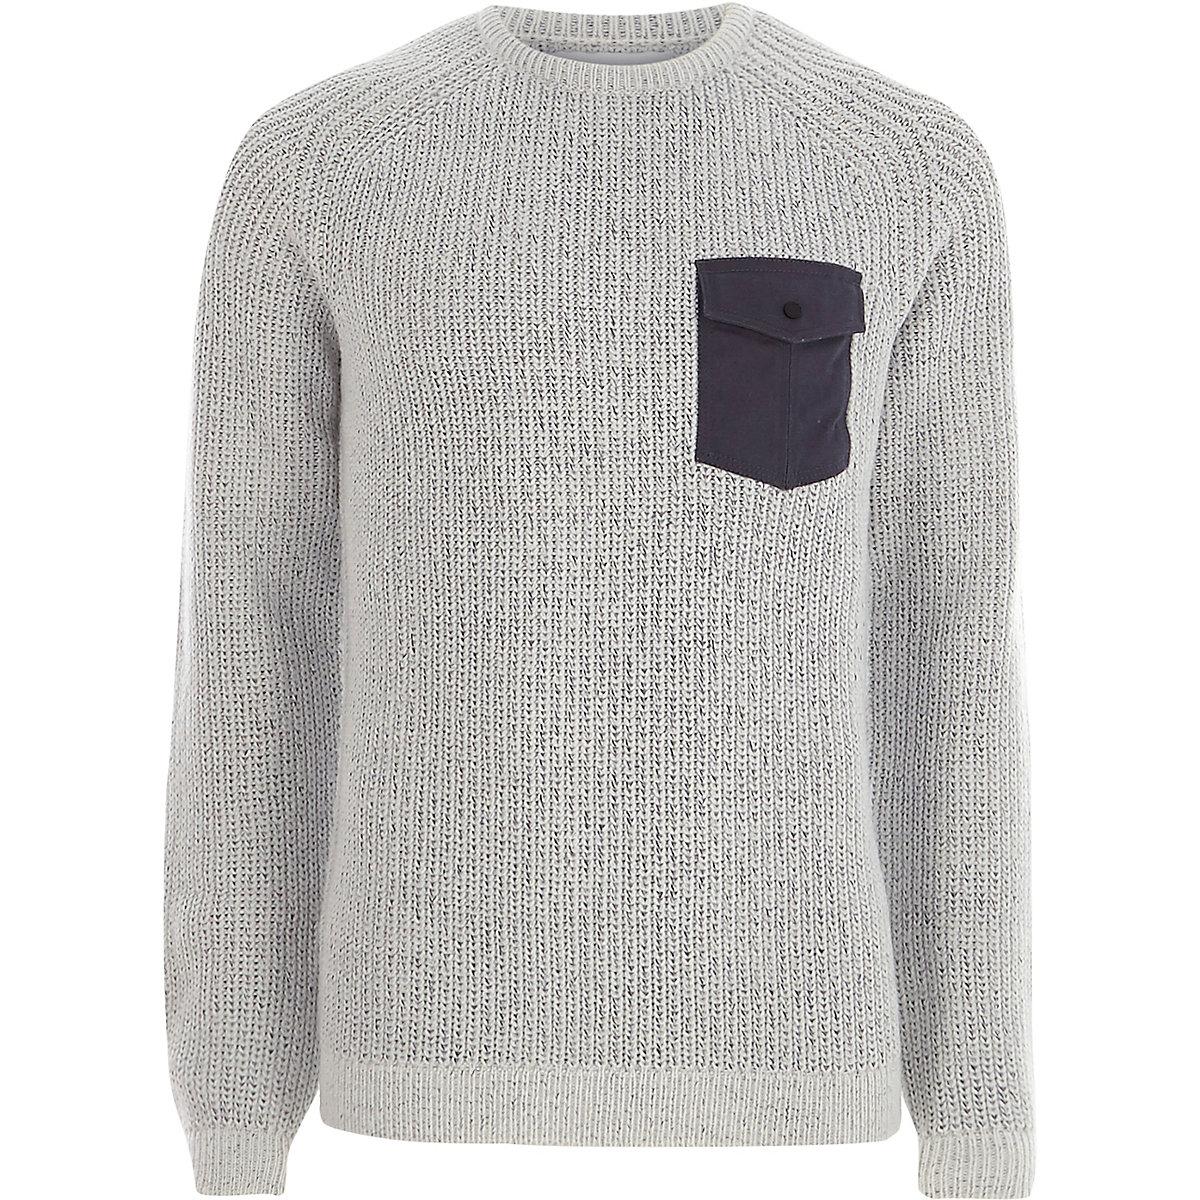 Light grey contrast pocket ribbed knit jumper